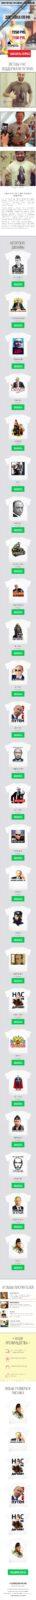 Скриншот лендинга Футболки с изображением президента Путина 001 - моб